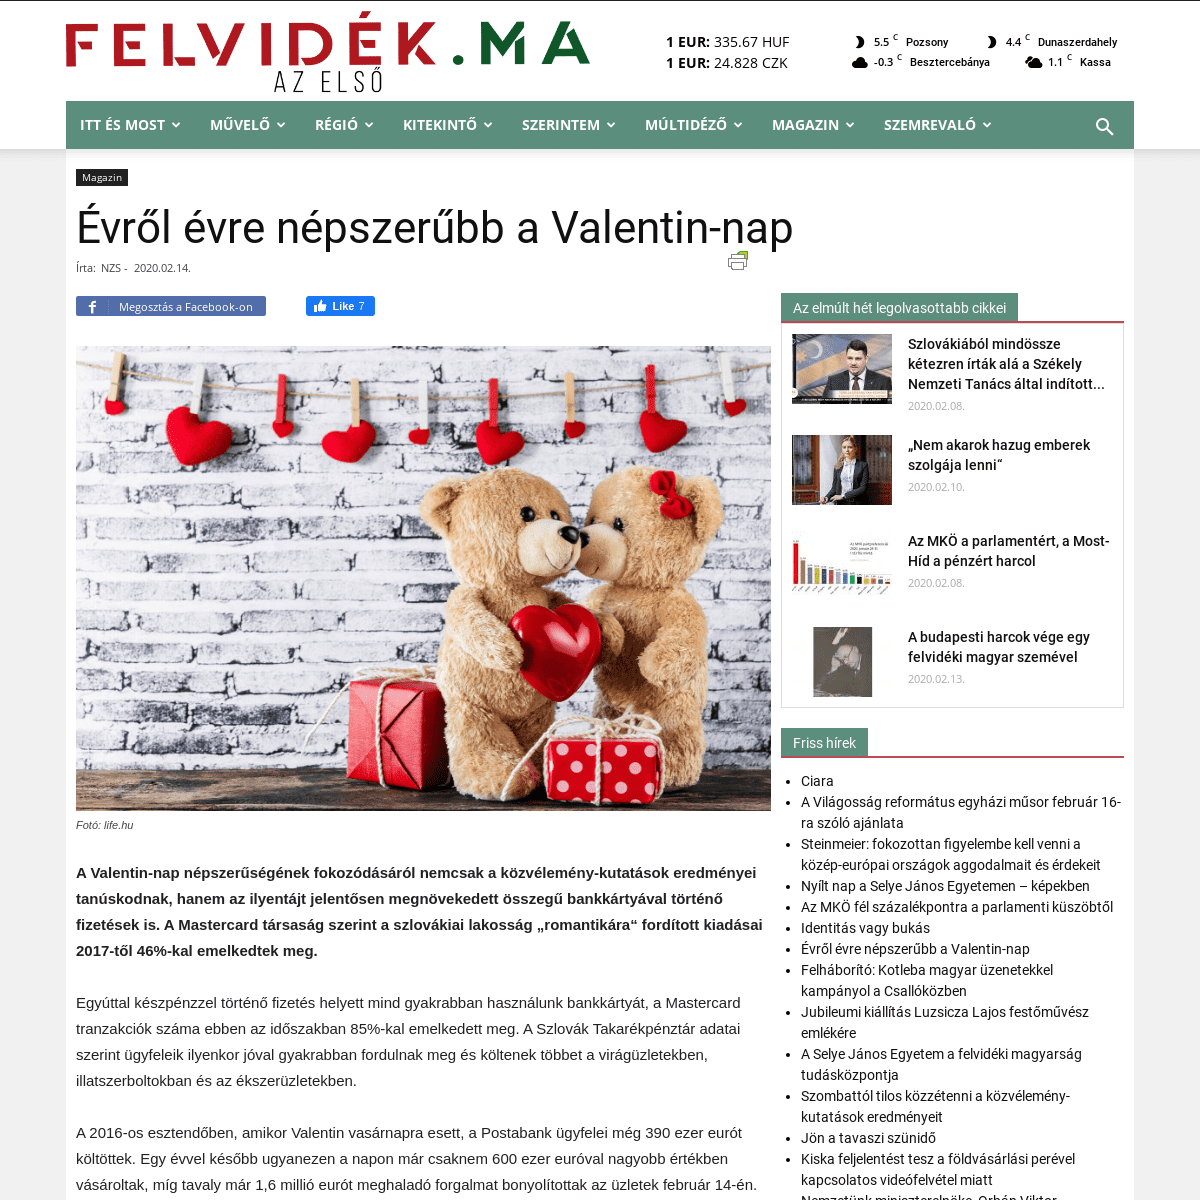 Évről évre népszerűbb a Valentin-nap - Felvidék.ma